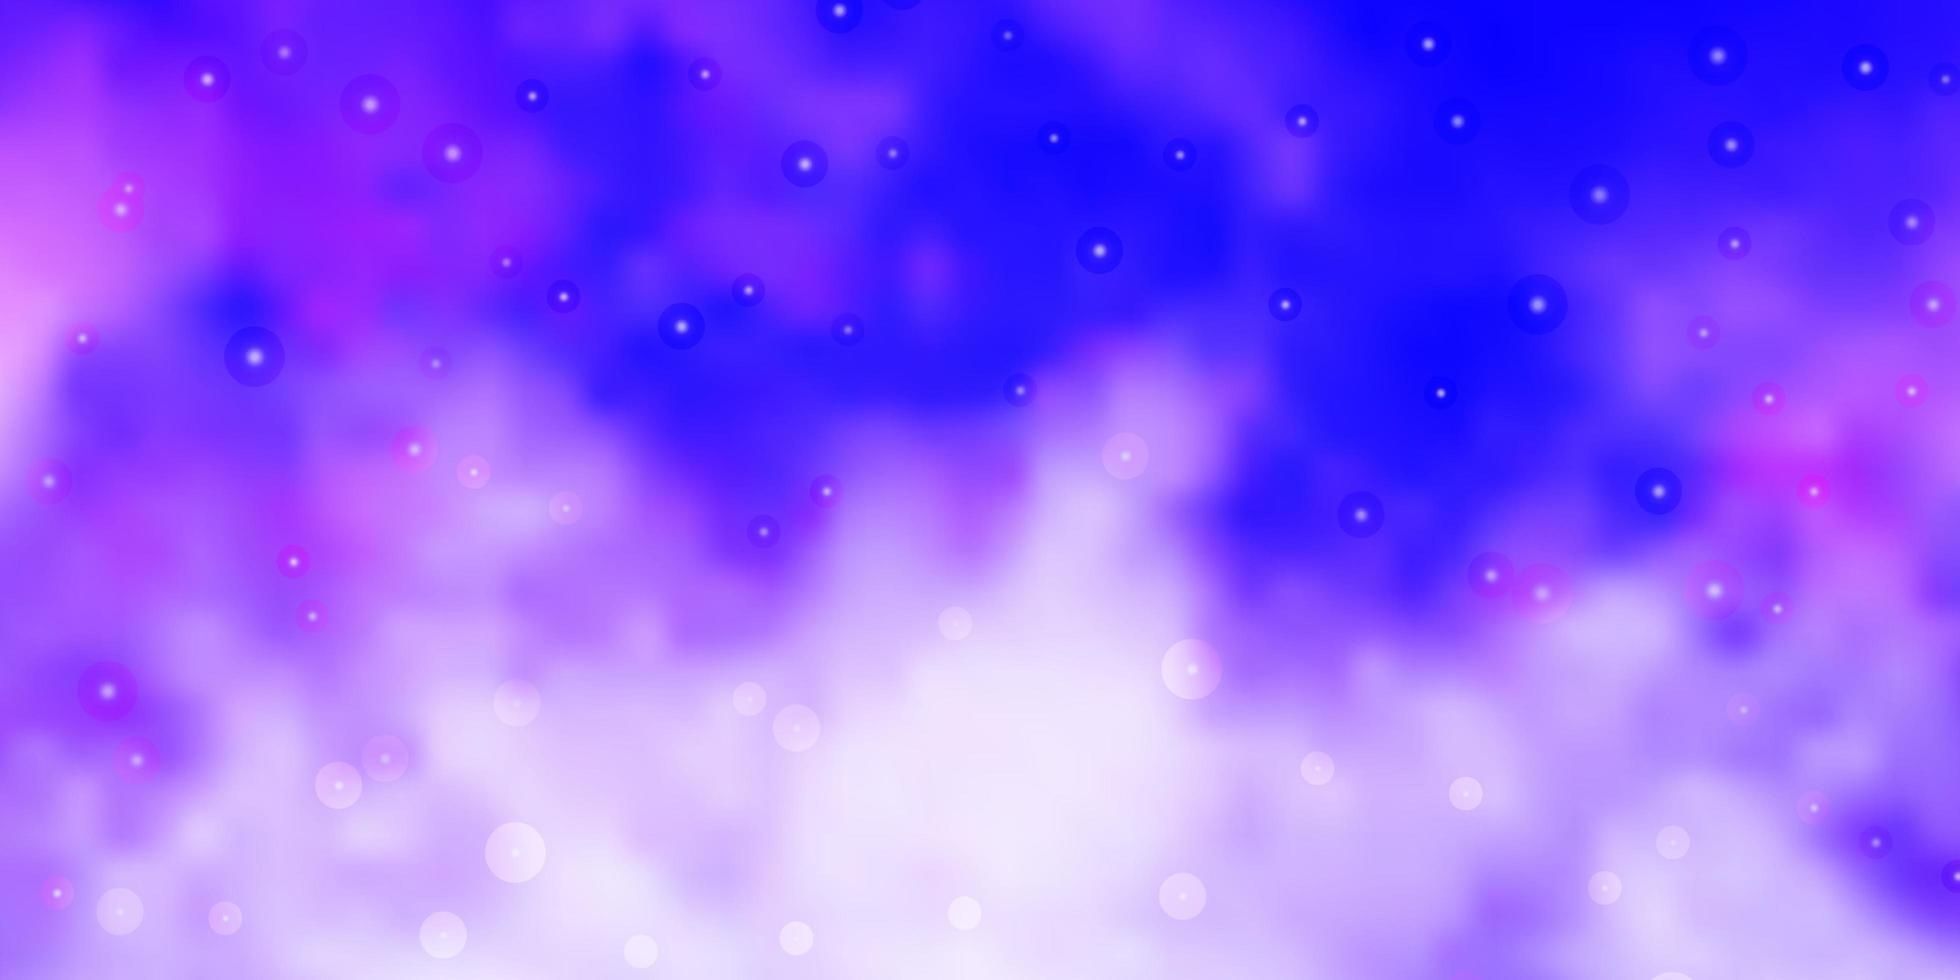 ljuslila vektormall med neonstjärnor. vektor